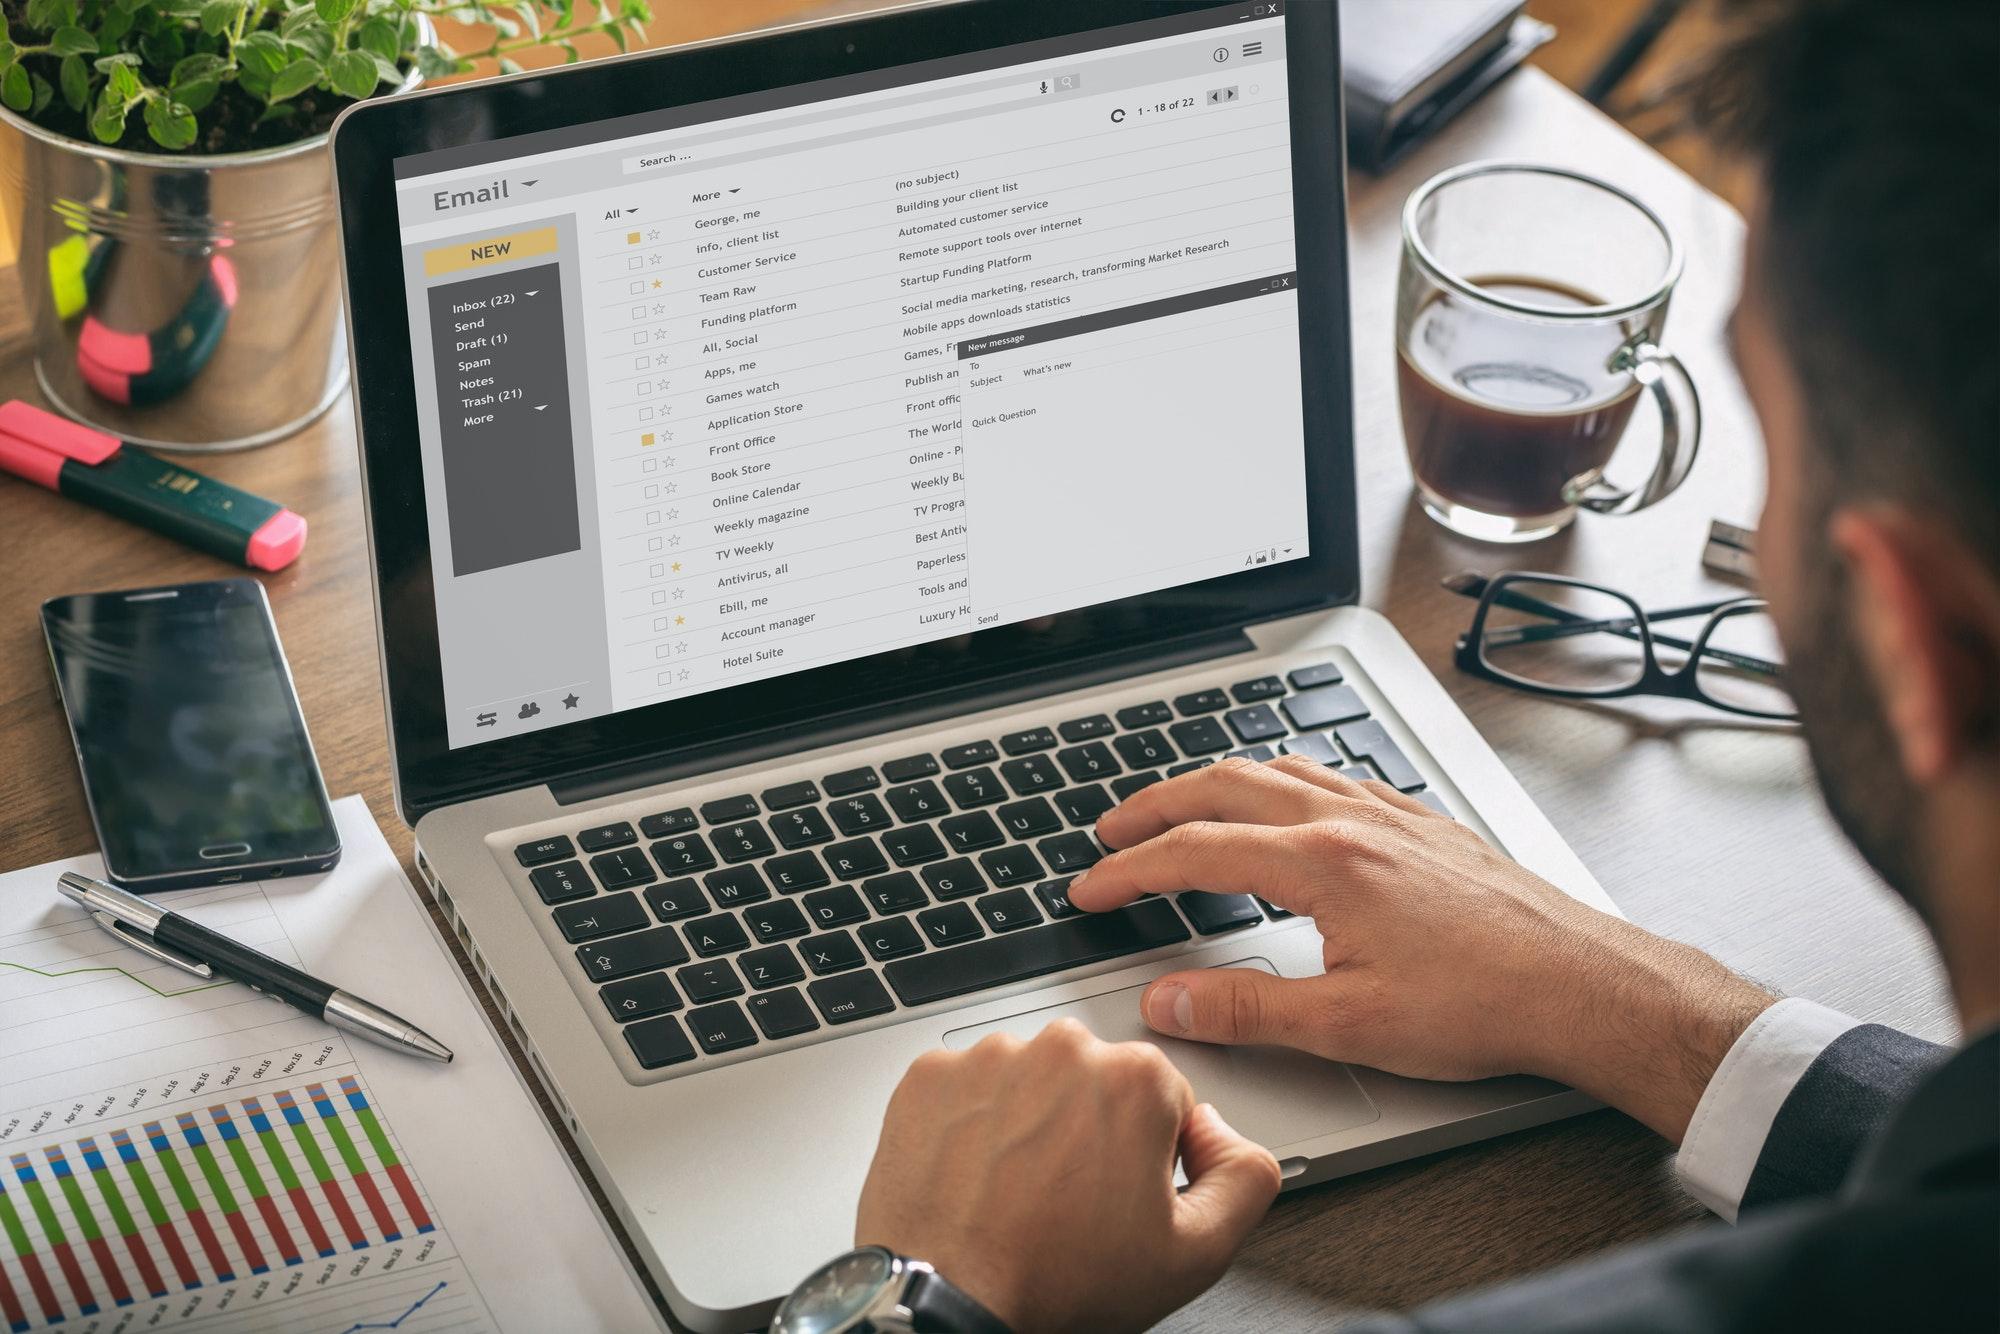 Kako pravilno izvajamo email marketing?